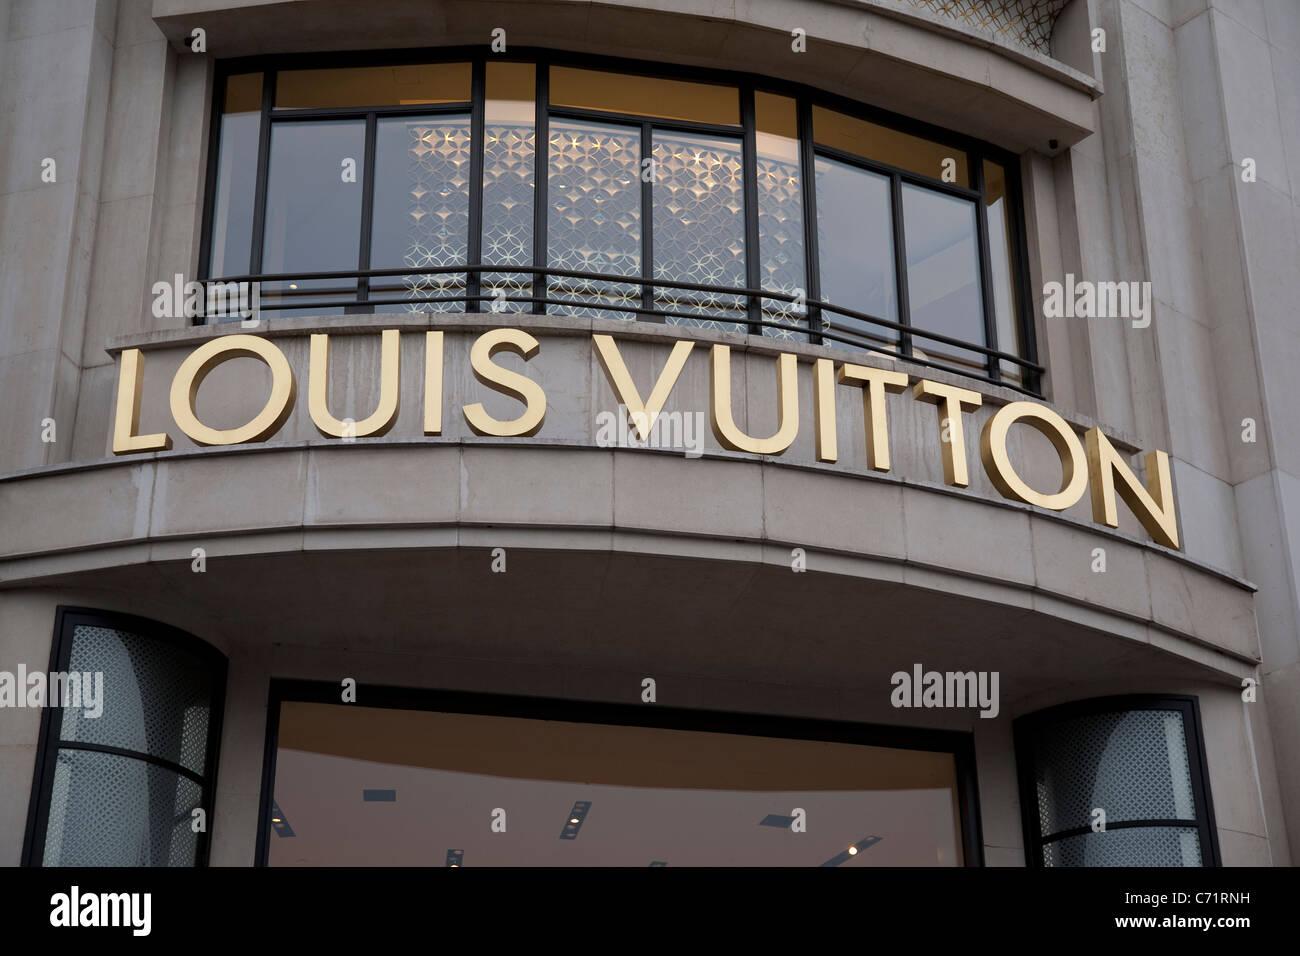 Loius Vuitton Shop Logo on Champs-Elysees, Paris, France - Stock Image